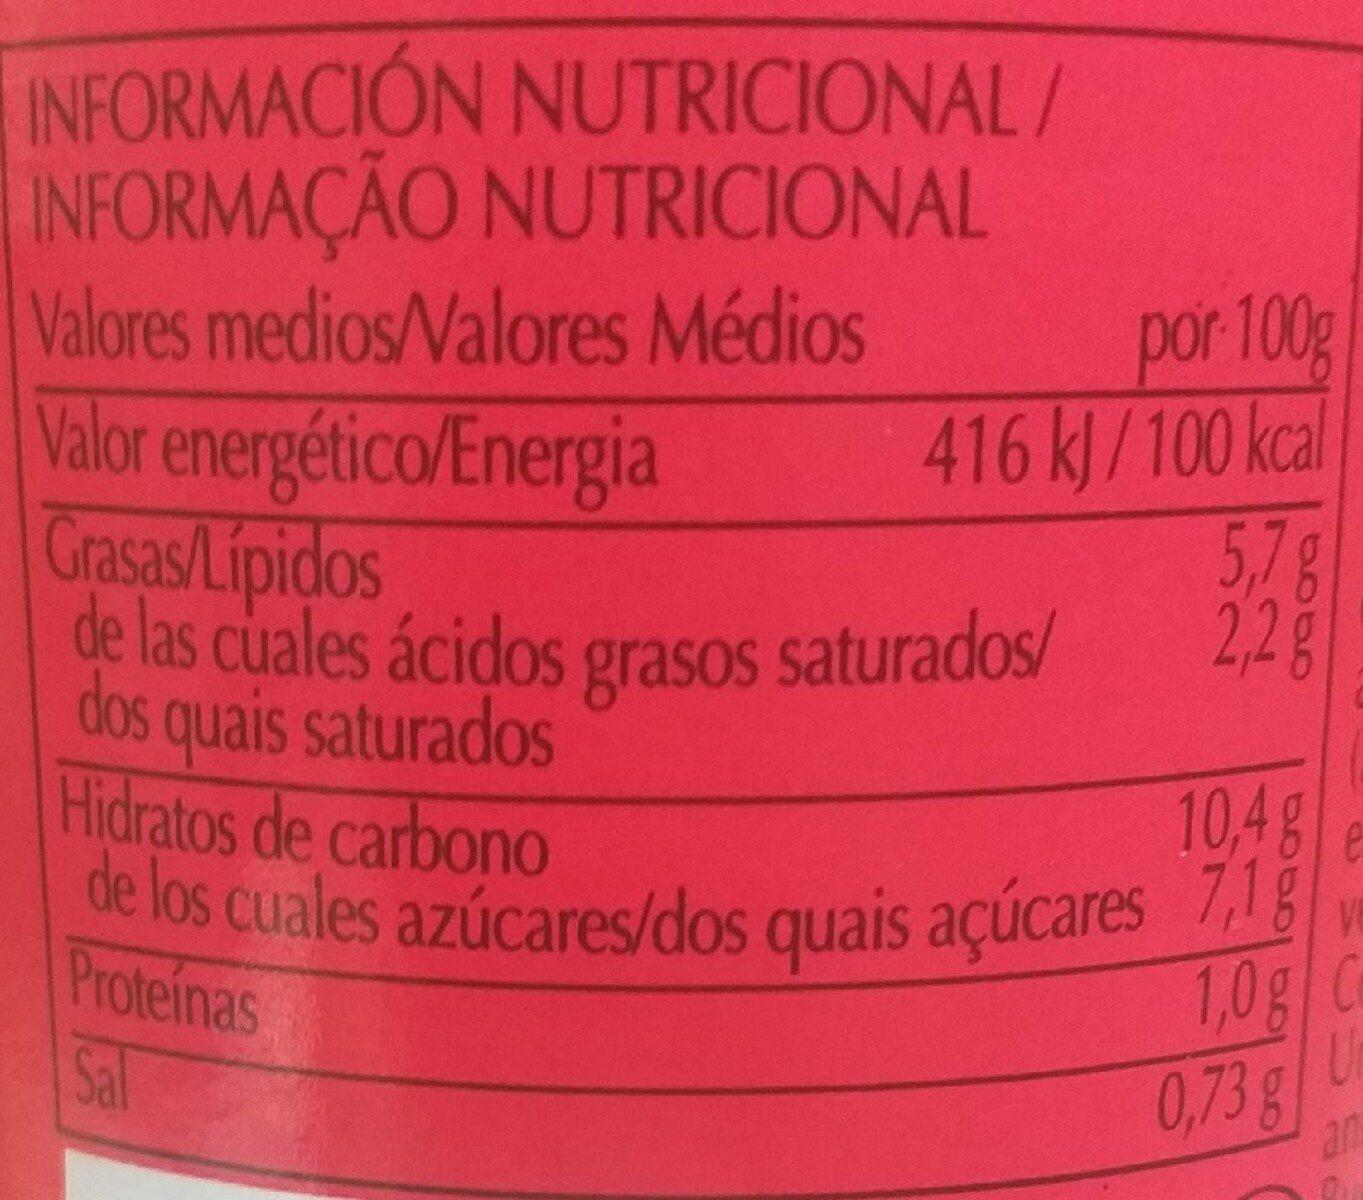 tandoori - Informació nutricional - es